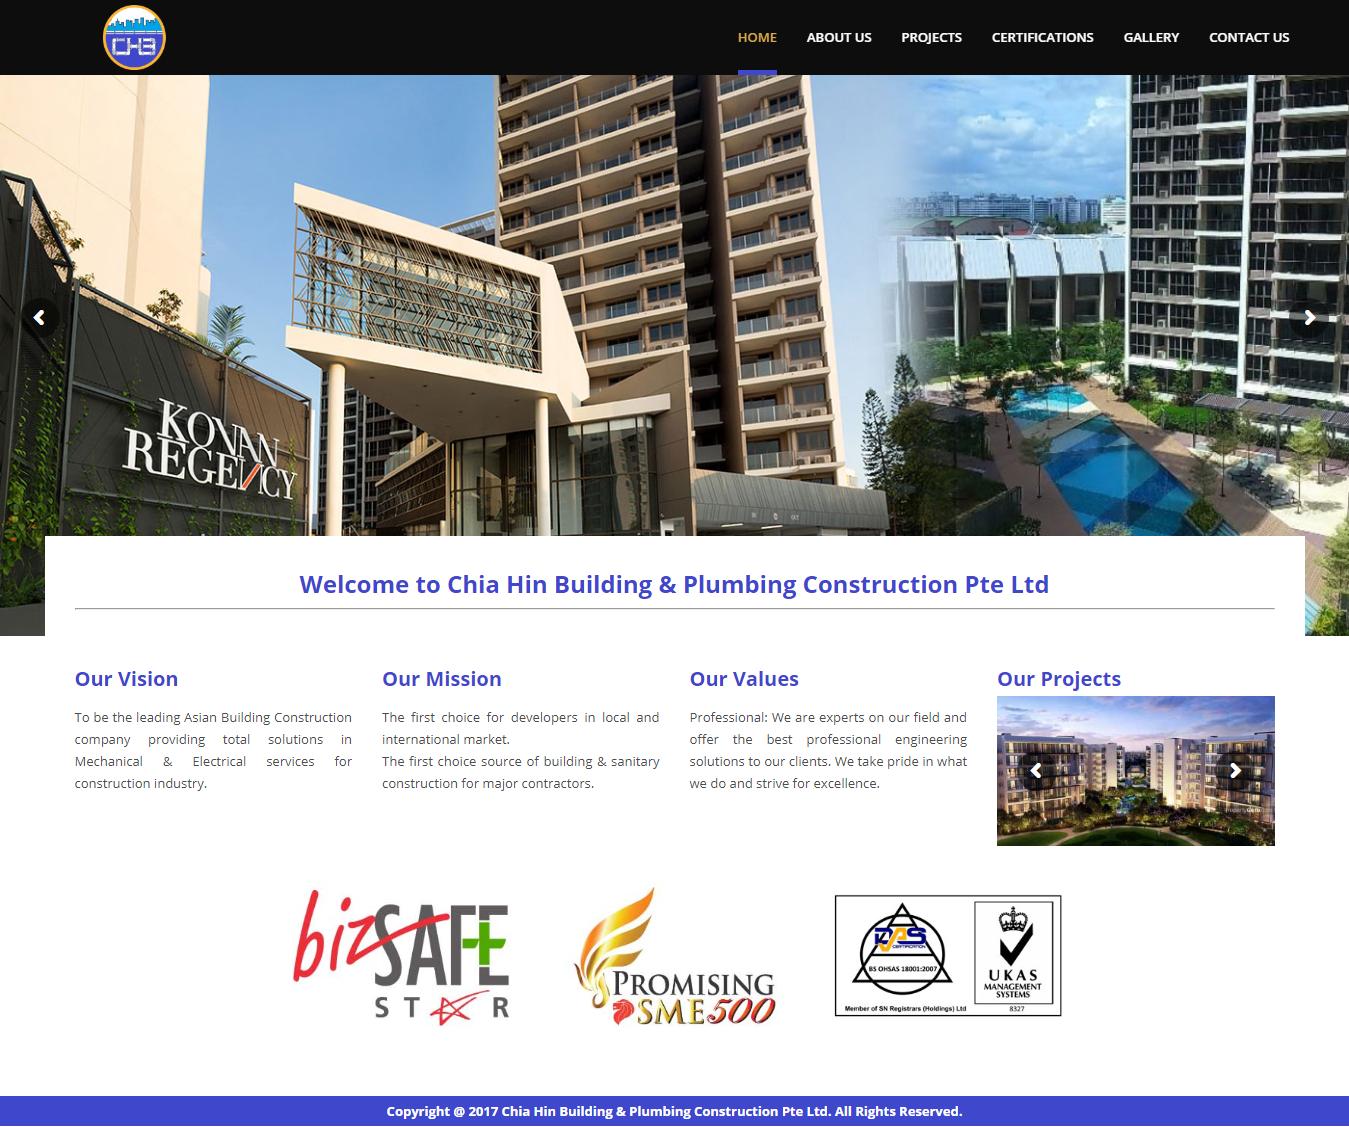 Portfolios For The Best Website Design Mobile Responsive Cms Ecommerce Wordpress Drupal Magento Mala Website Services Web Design Budgeting